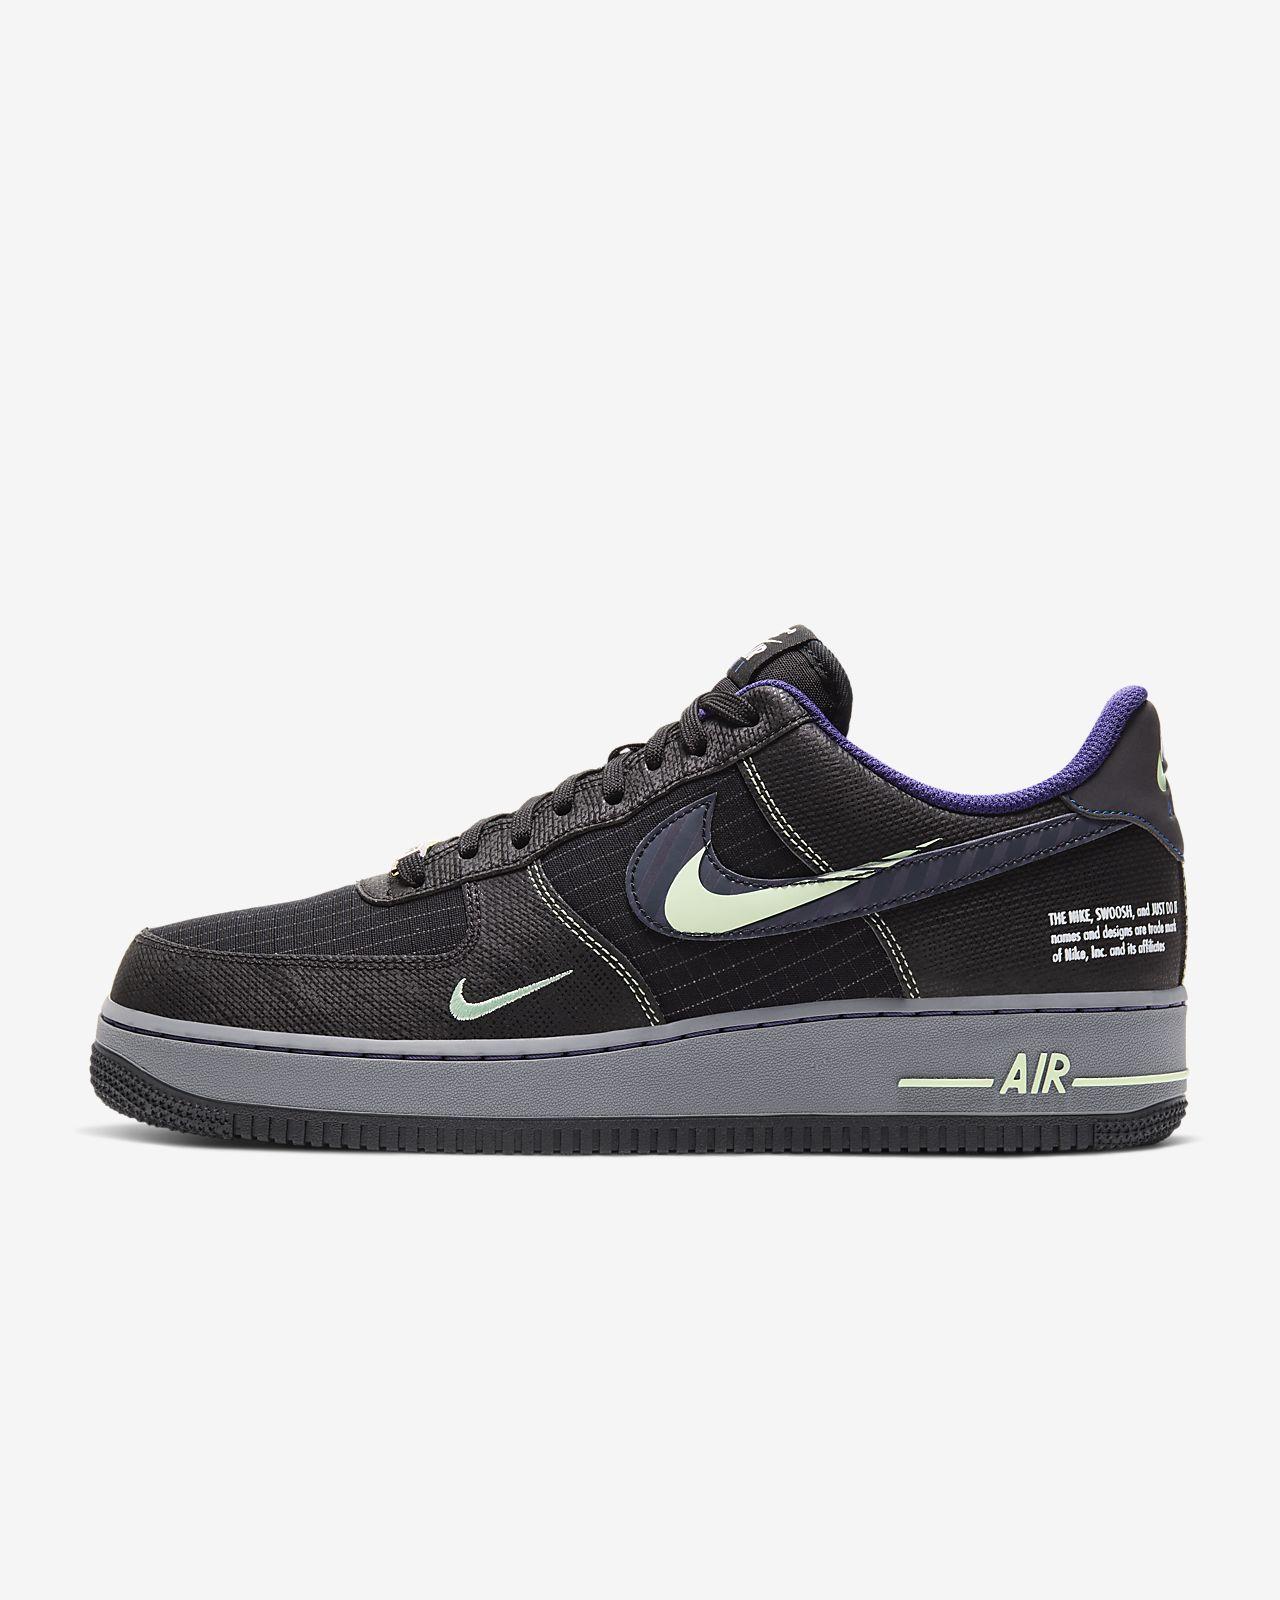 Nike Air Force 1 07 LV8 Sneaker Weiß